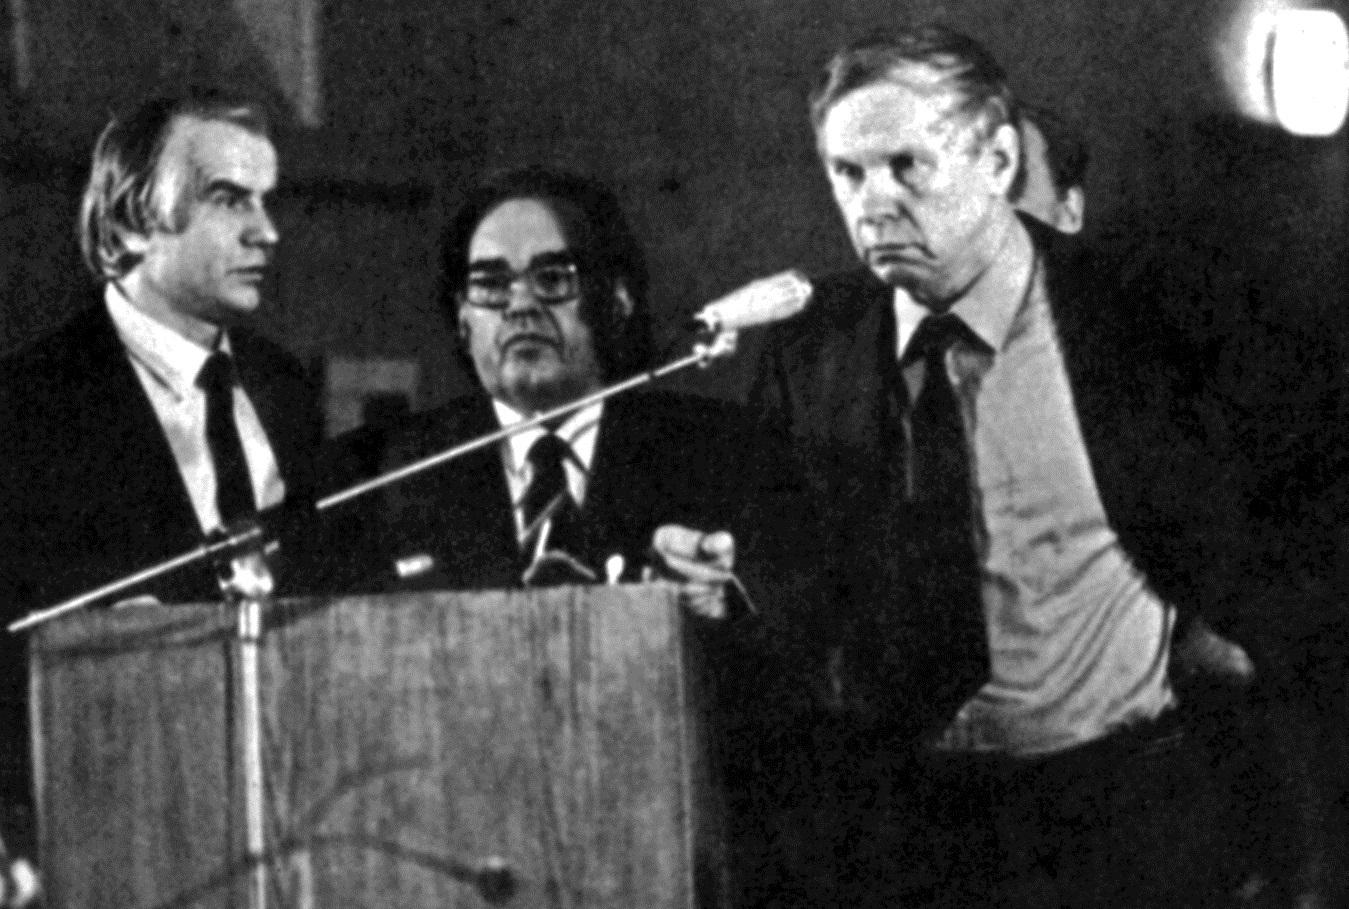 Сузаснавальнікам якога палітычнага руху стаў Васіль Быкаў напрыканцы 1980-х гадоў?